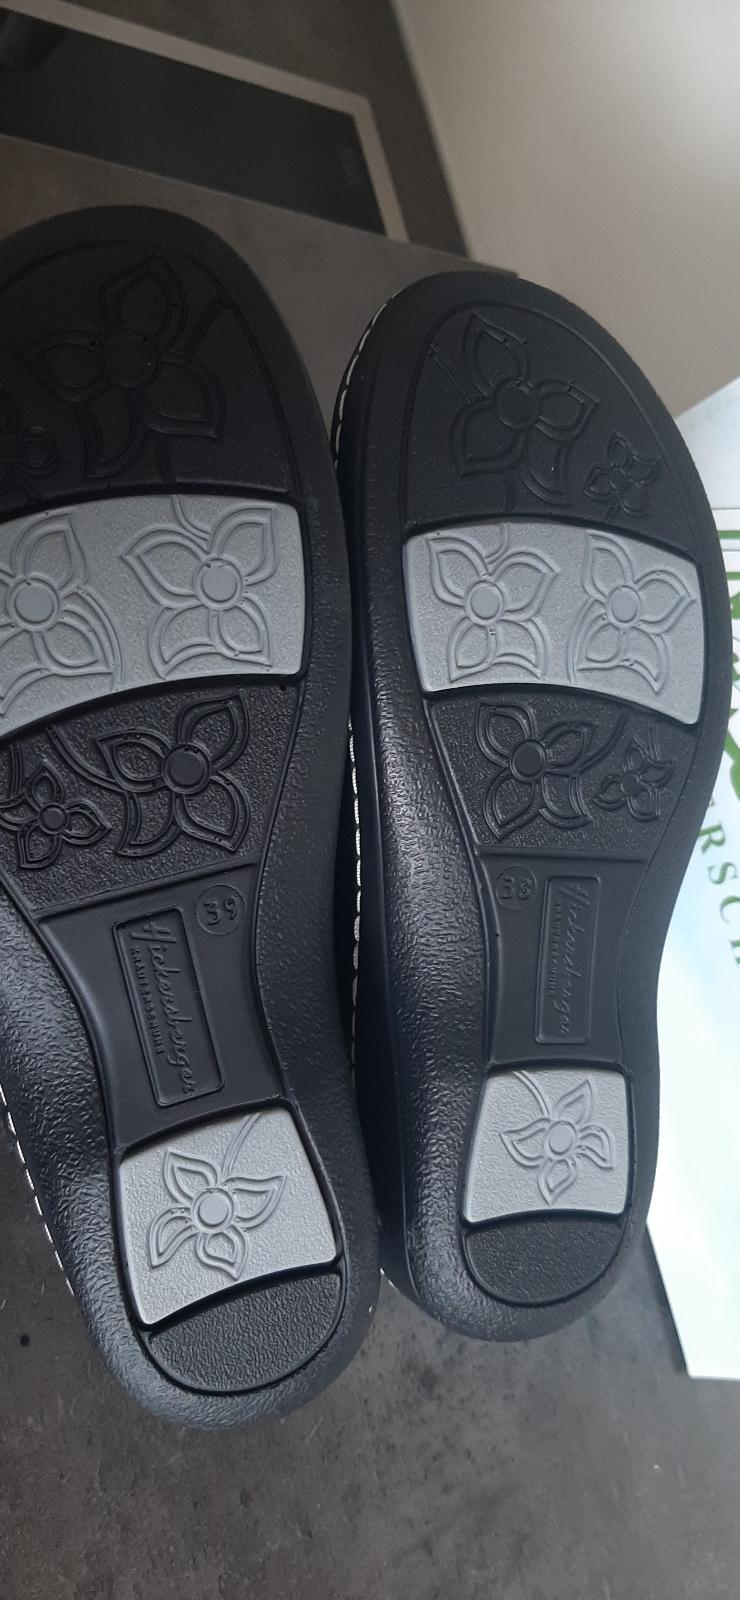 Bild Nummer 3 von Sandale schwarz Hickersberger